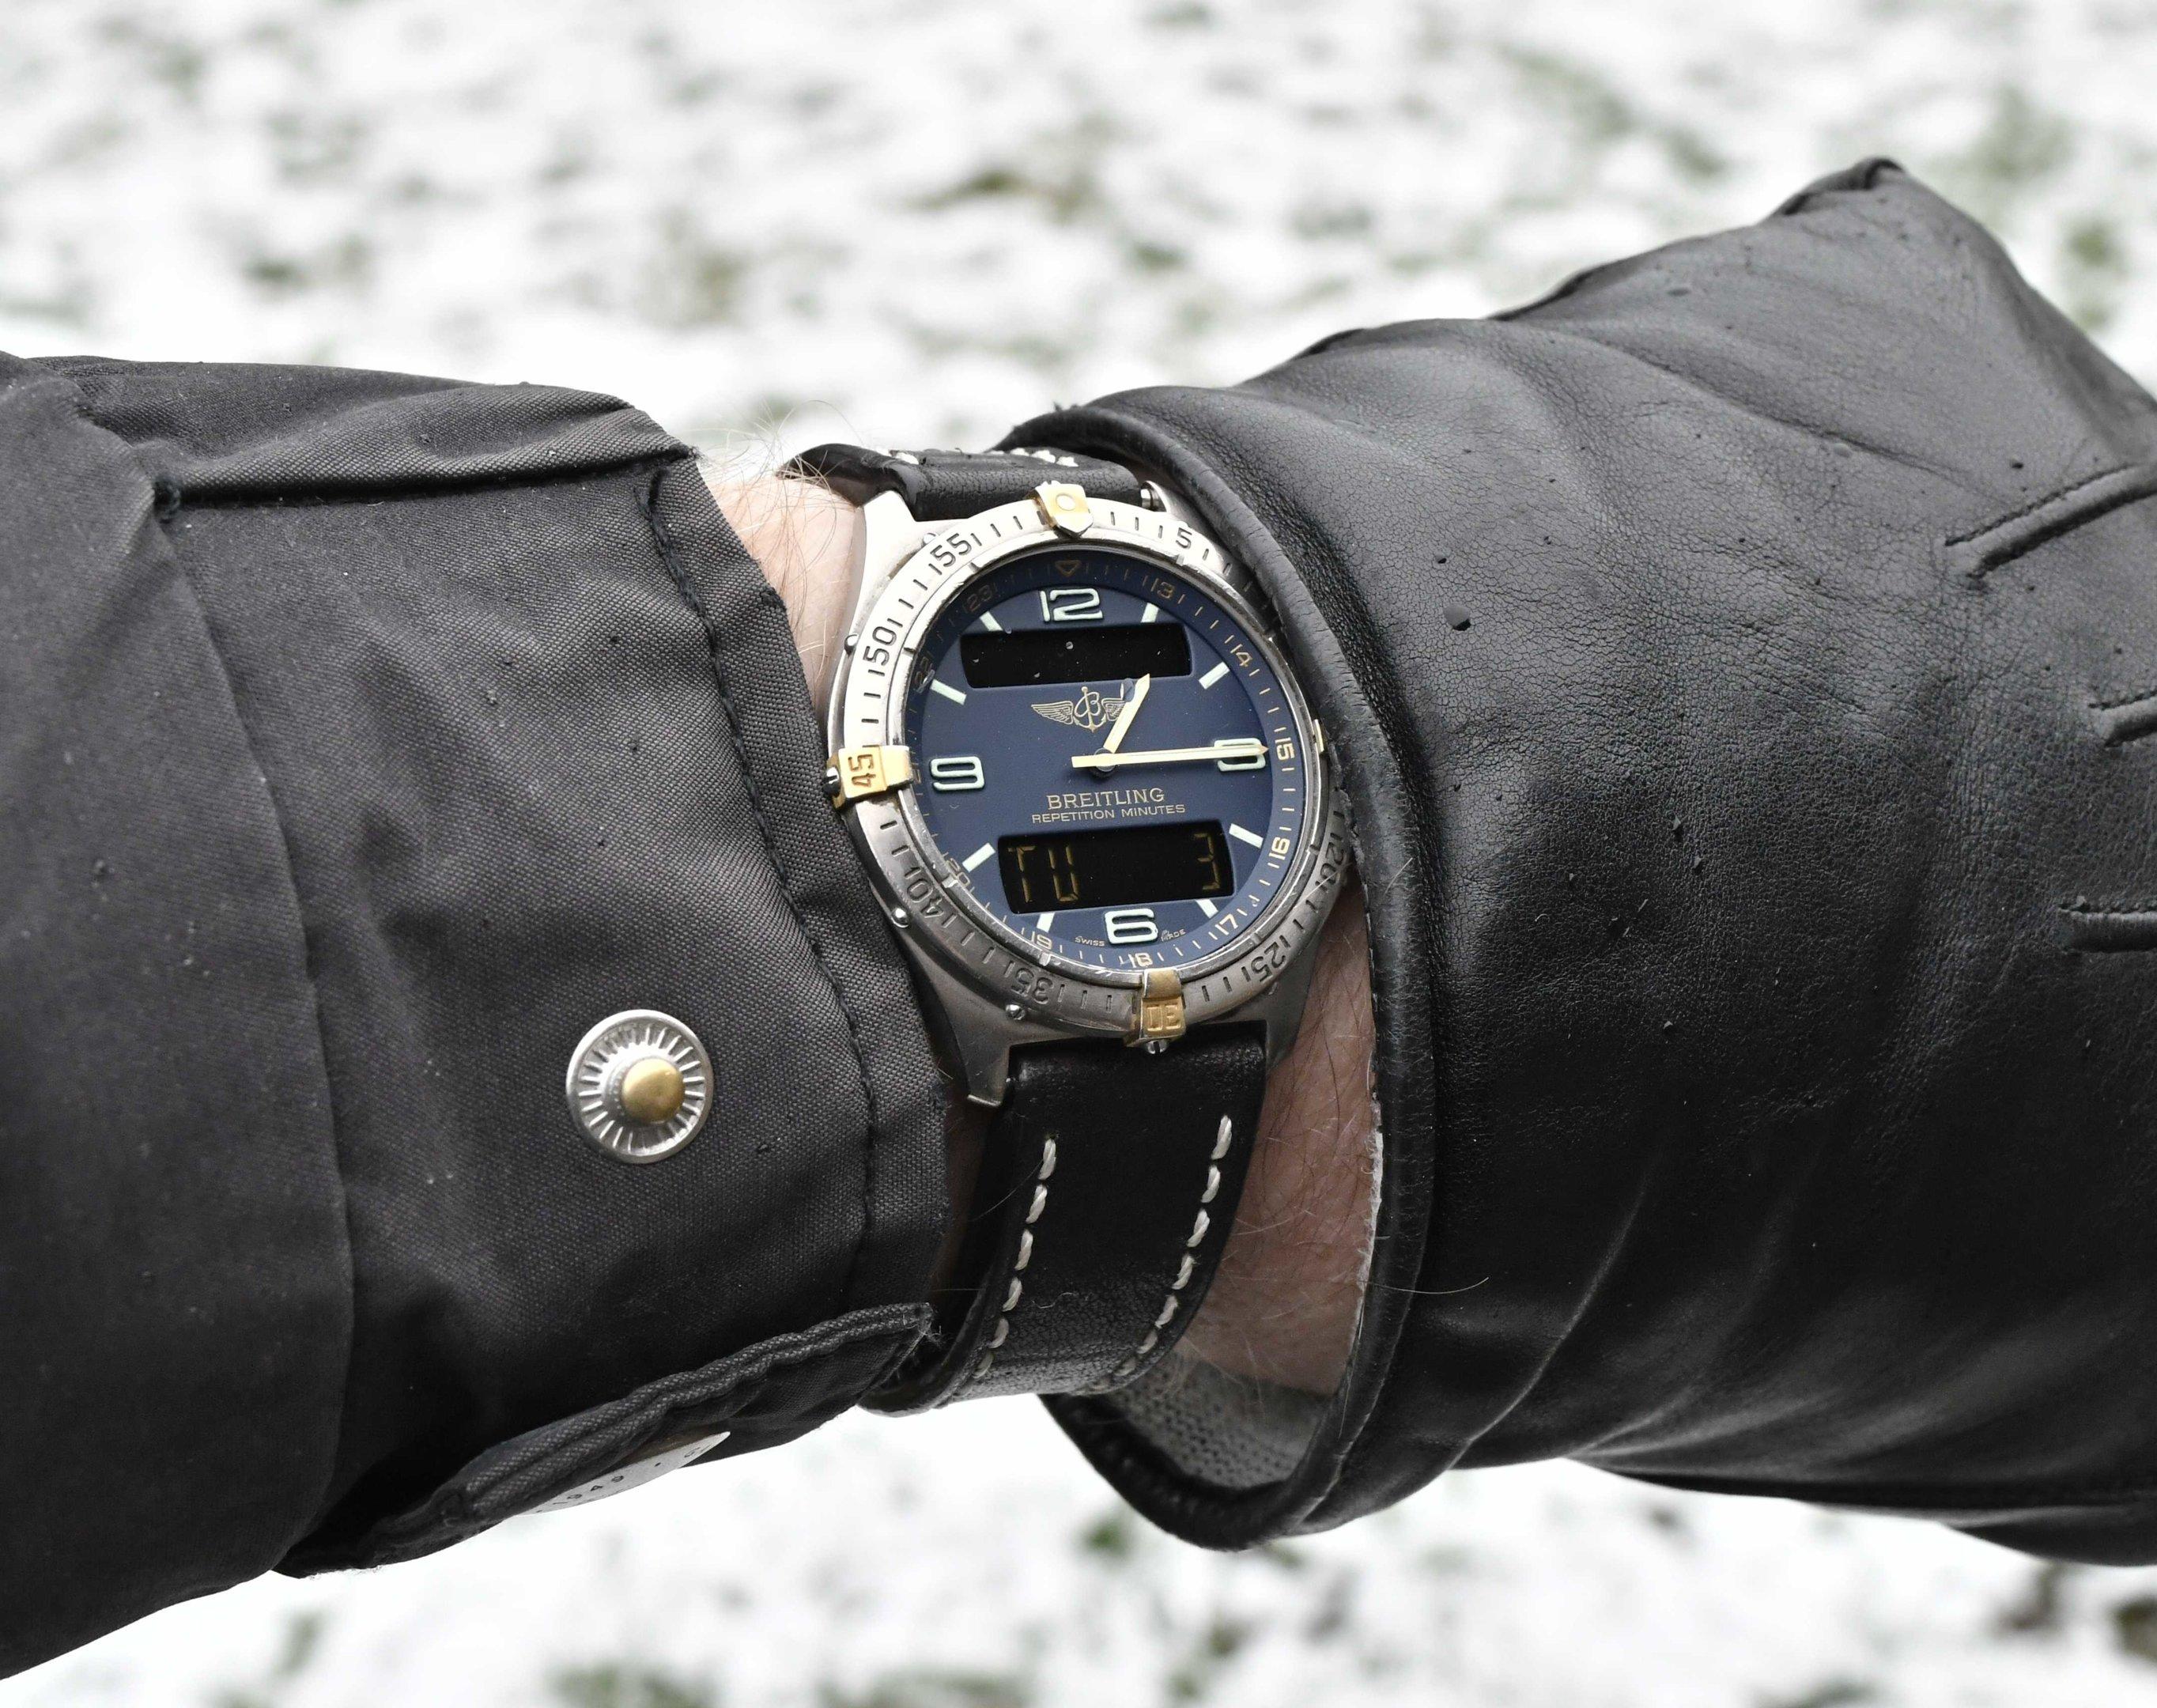 Breitling 2019-12-03 (regn).